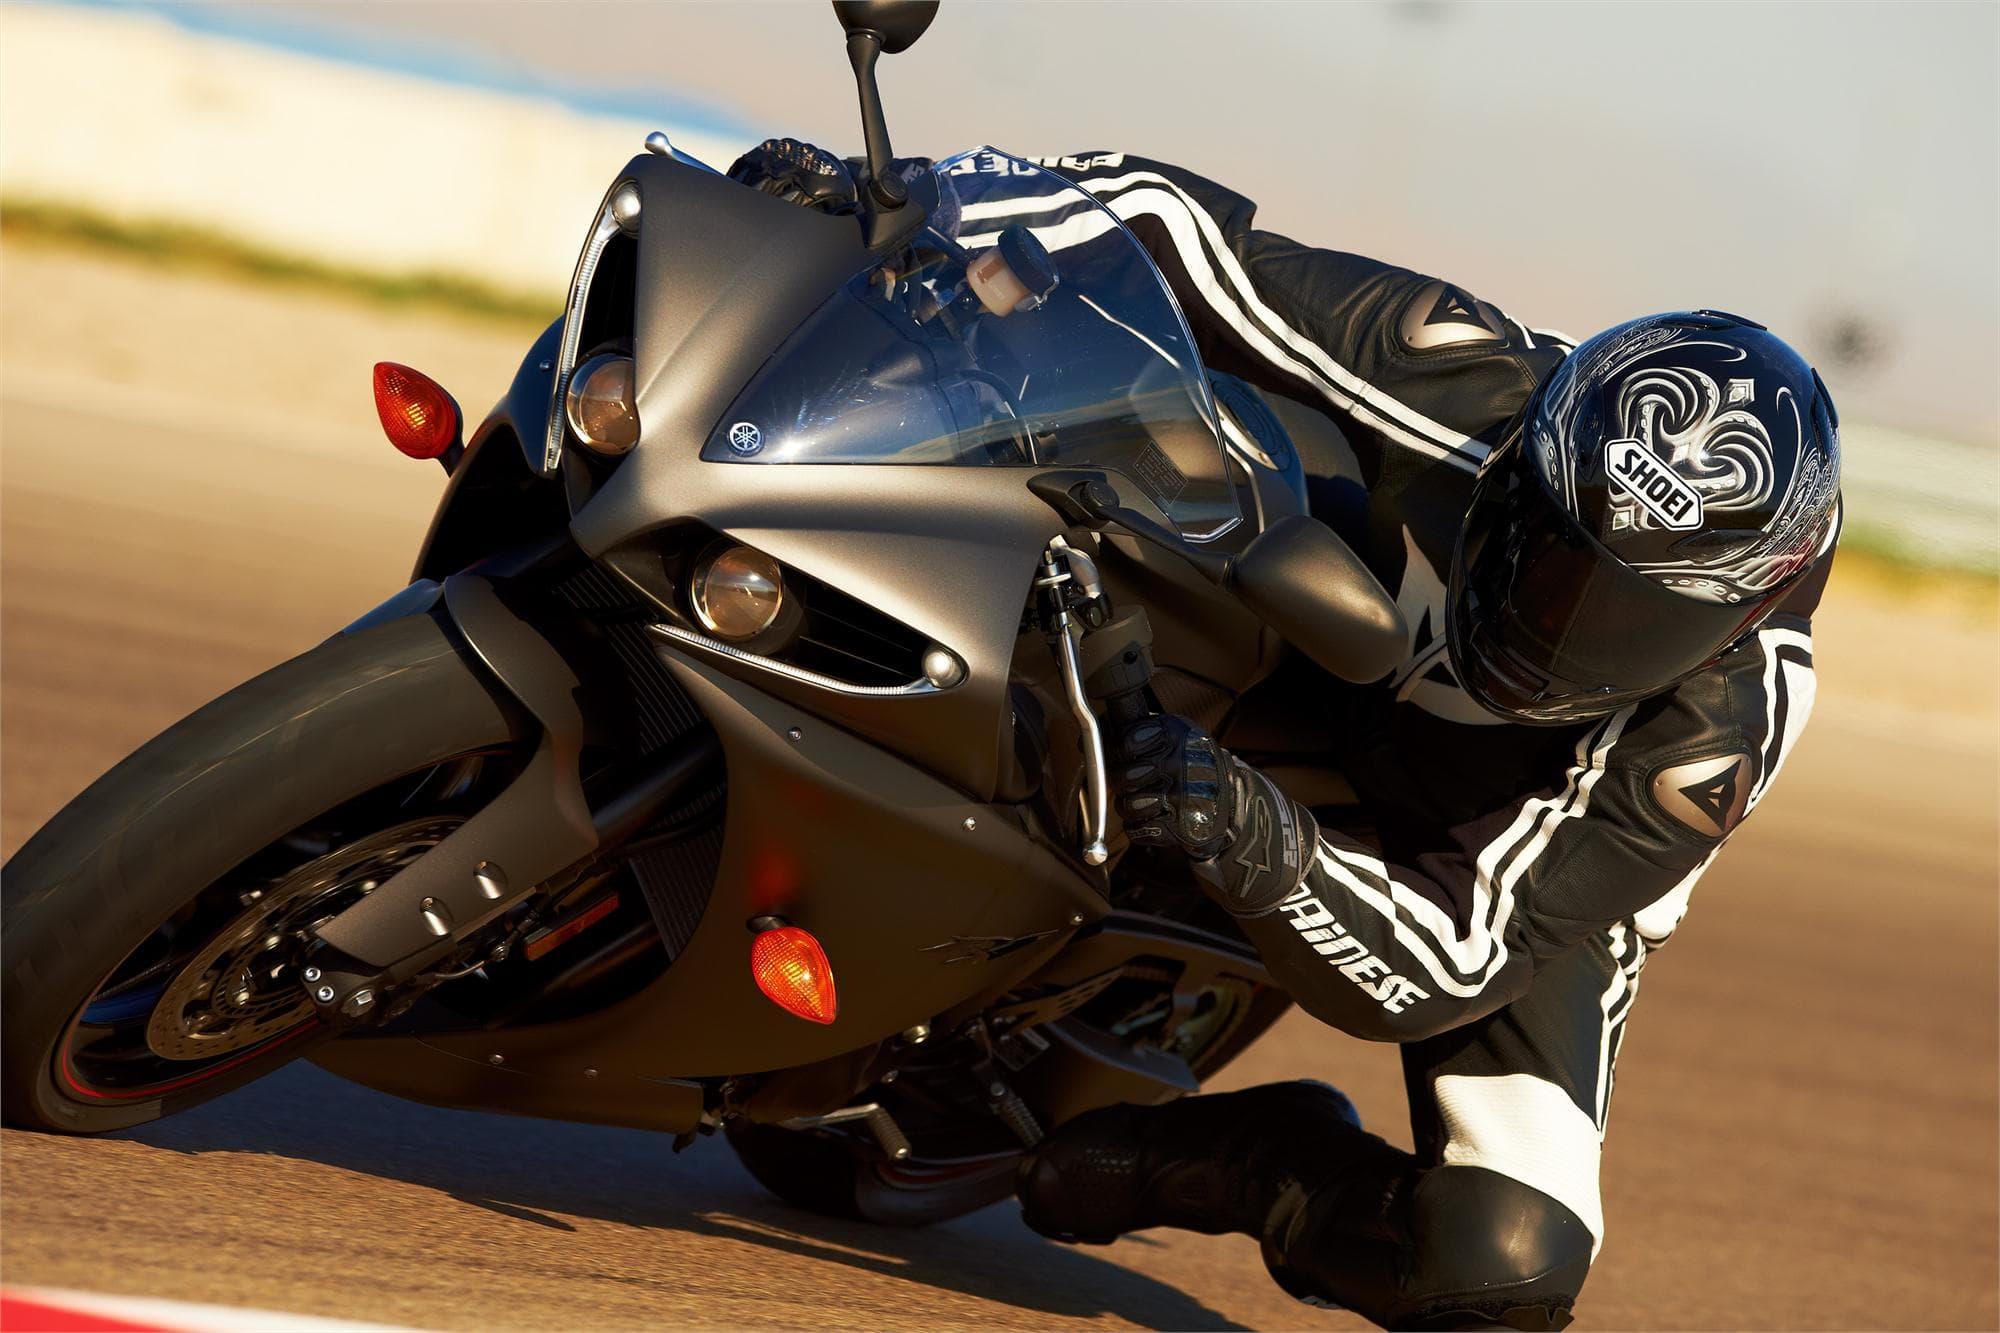 Yamaha YZF-R1 2012 Background